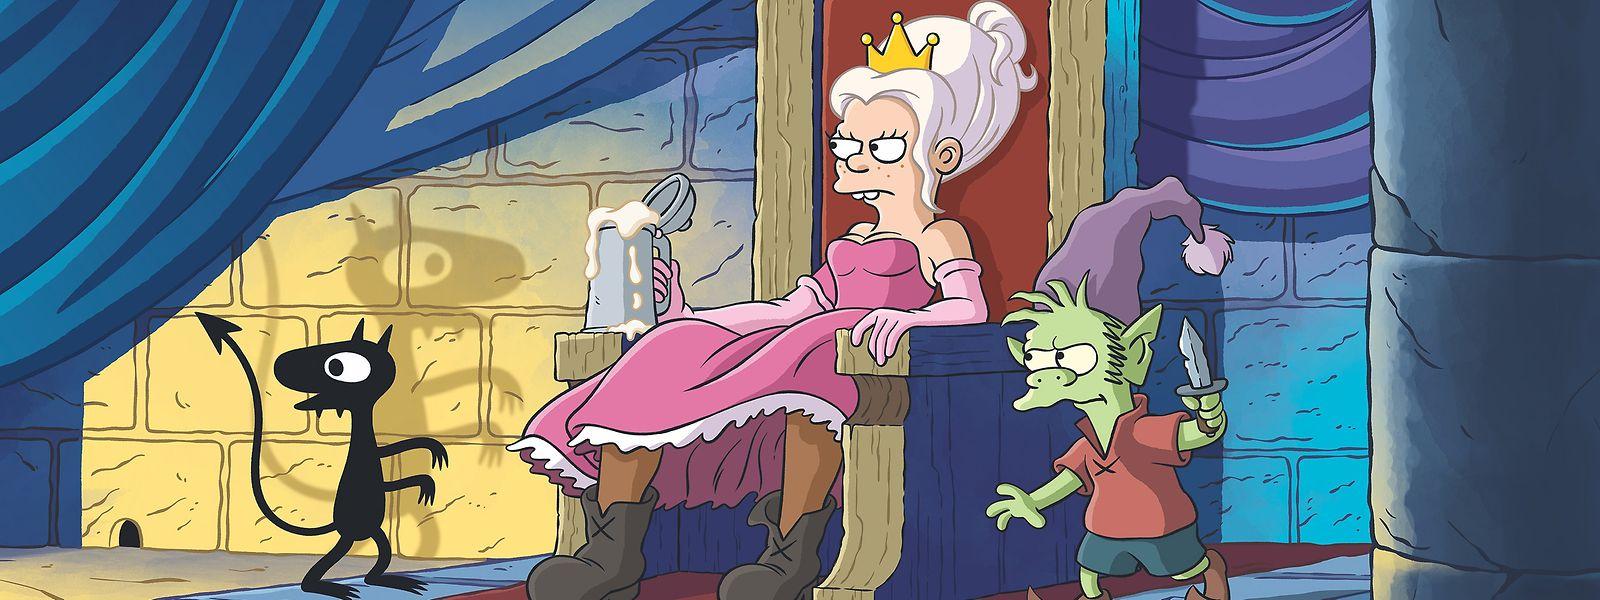 Eine Prinzessin geht ihren Weg – dabei wird Bean (Abbi Jacobson) vom bösen Dämon Luci (Eric André) und dem guten Elfo (Nat Faxon) begleitet.